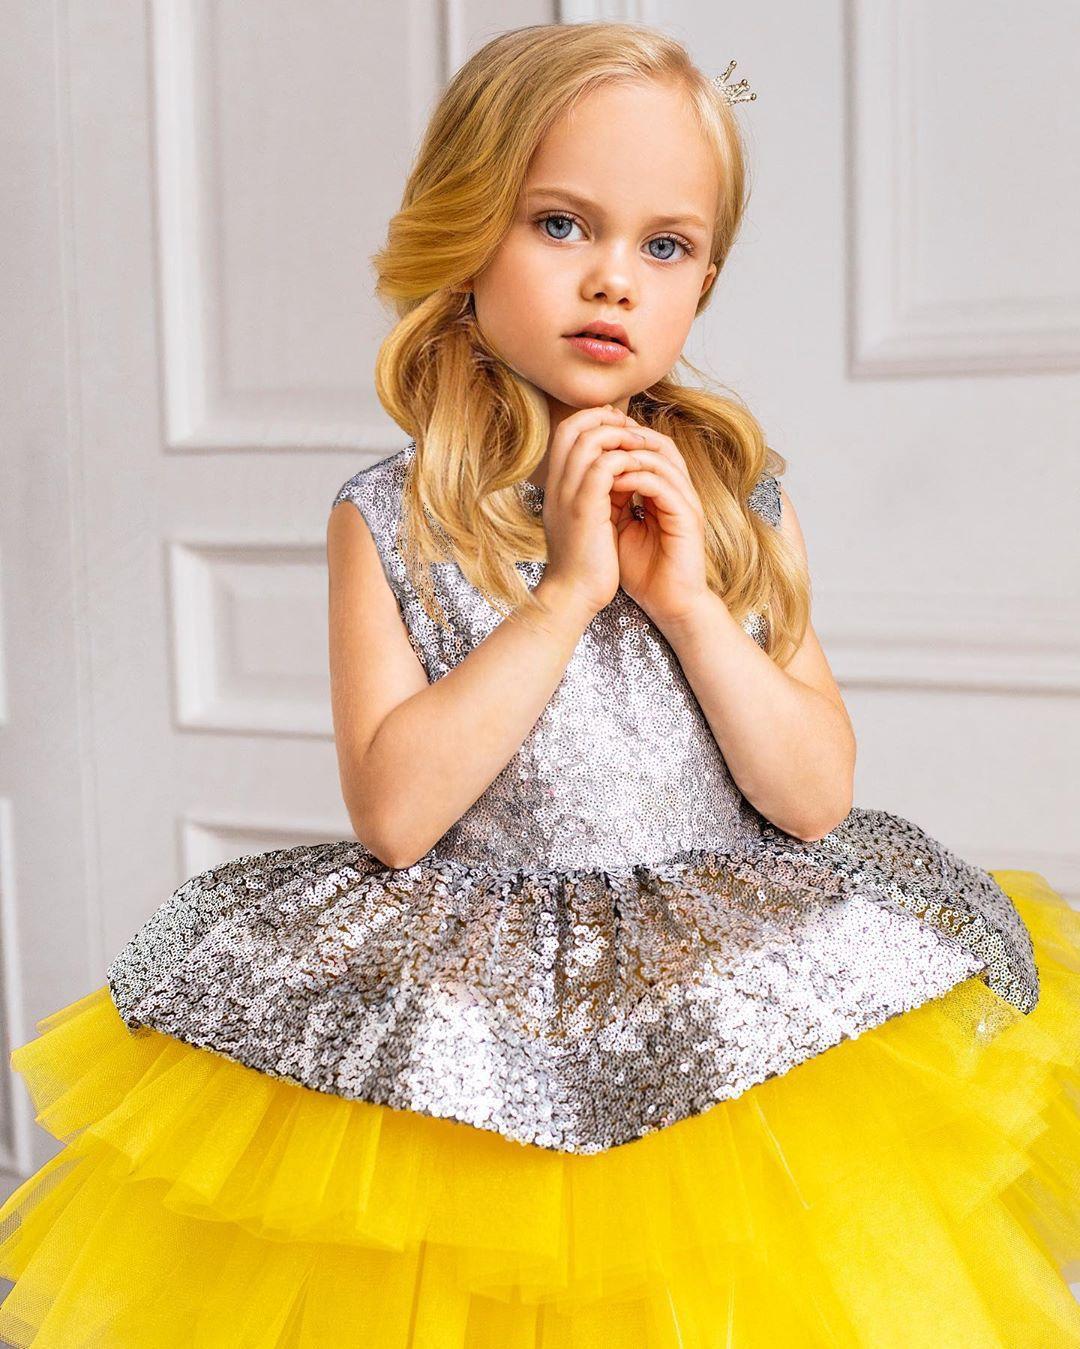 2020 الصيف طفل طفلة اللباس فتاة الموضة البراقة شبكة المرقعة اللباس الأنيق الأطفال عيد ميلاد فساتين كيد حزب 1-6 سنوات قديم